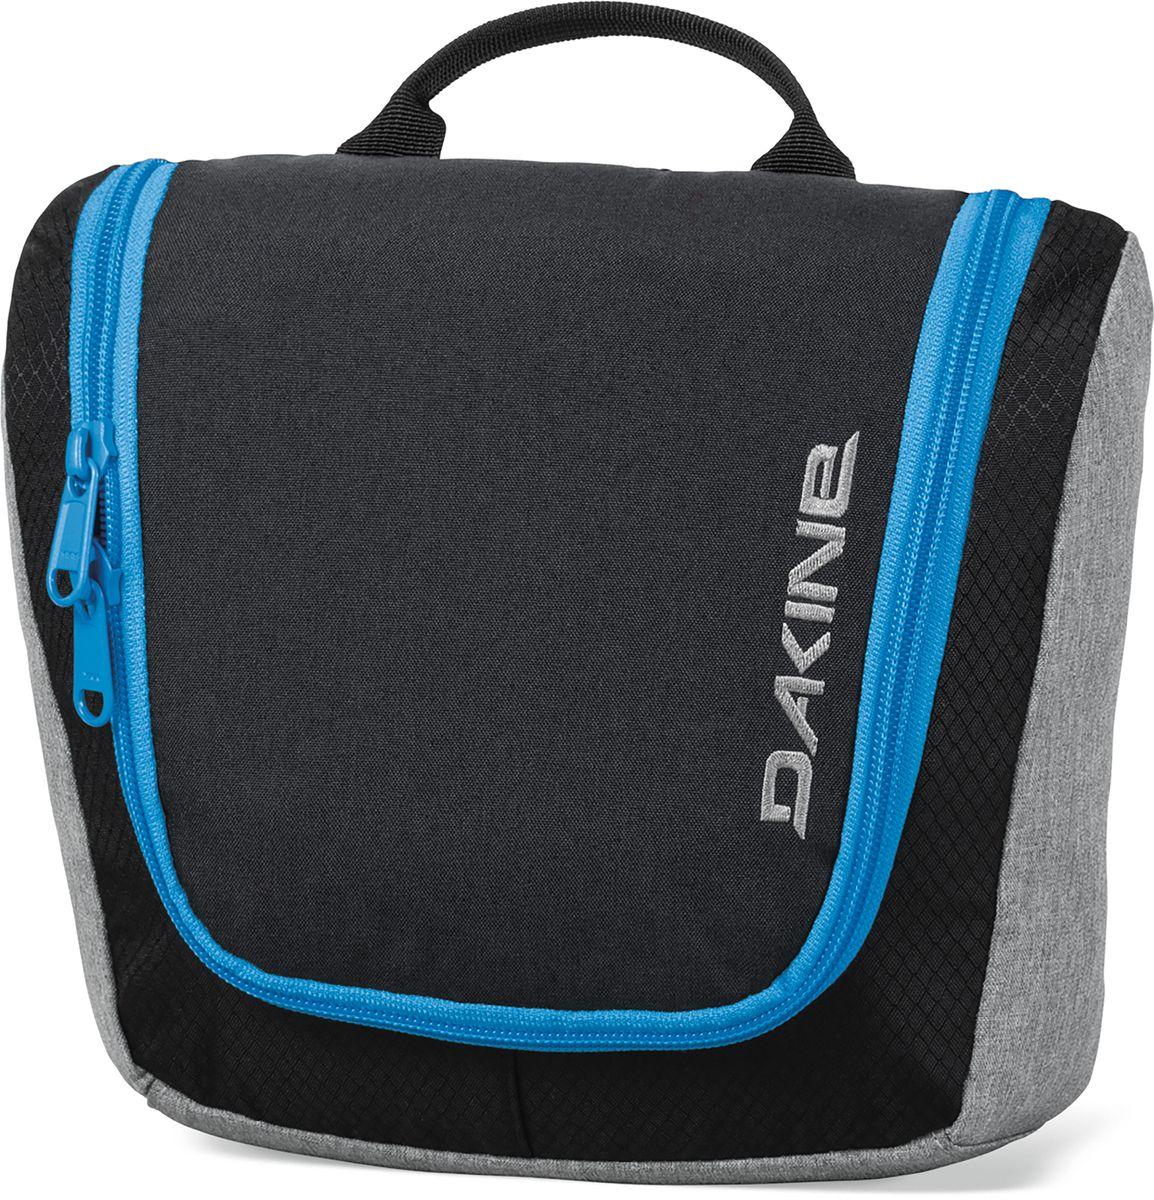 Косметичка дорожная Dakine  Travel Kit , цвет: черный, синий, 3 л - Несессеры и кошельки